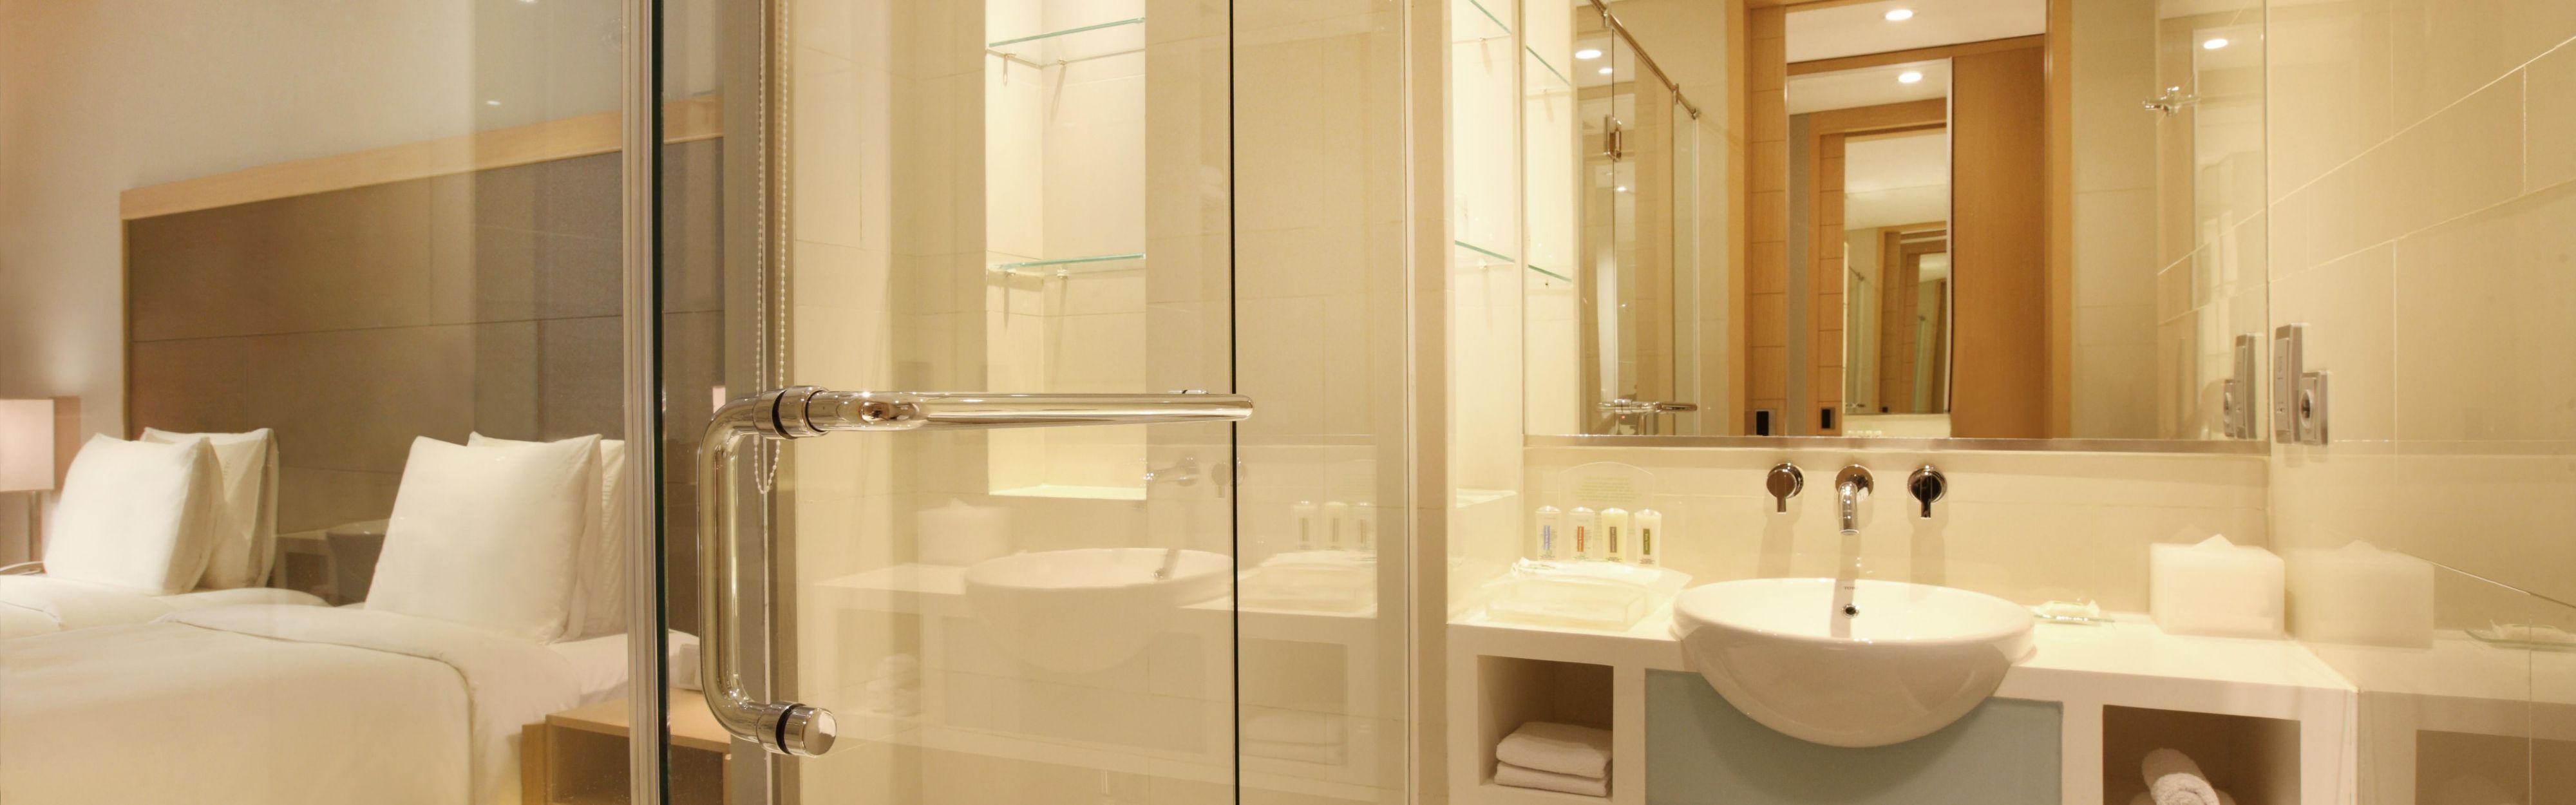 Duş kabinleri. Almanya onları mükemmel yapıyor